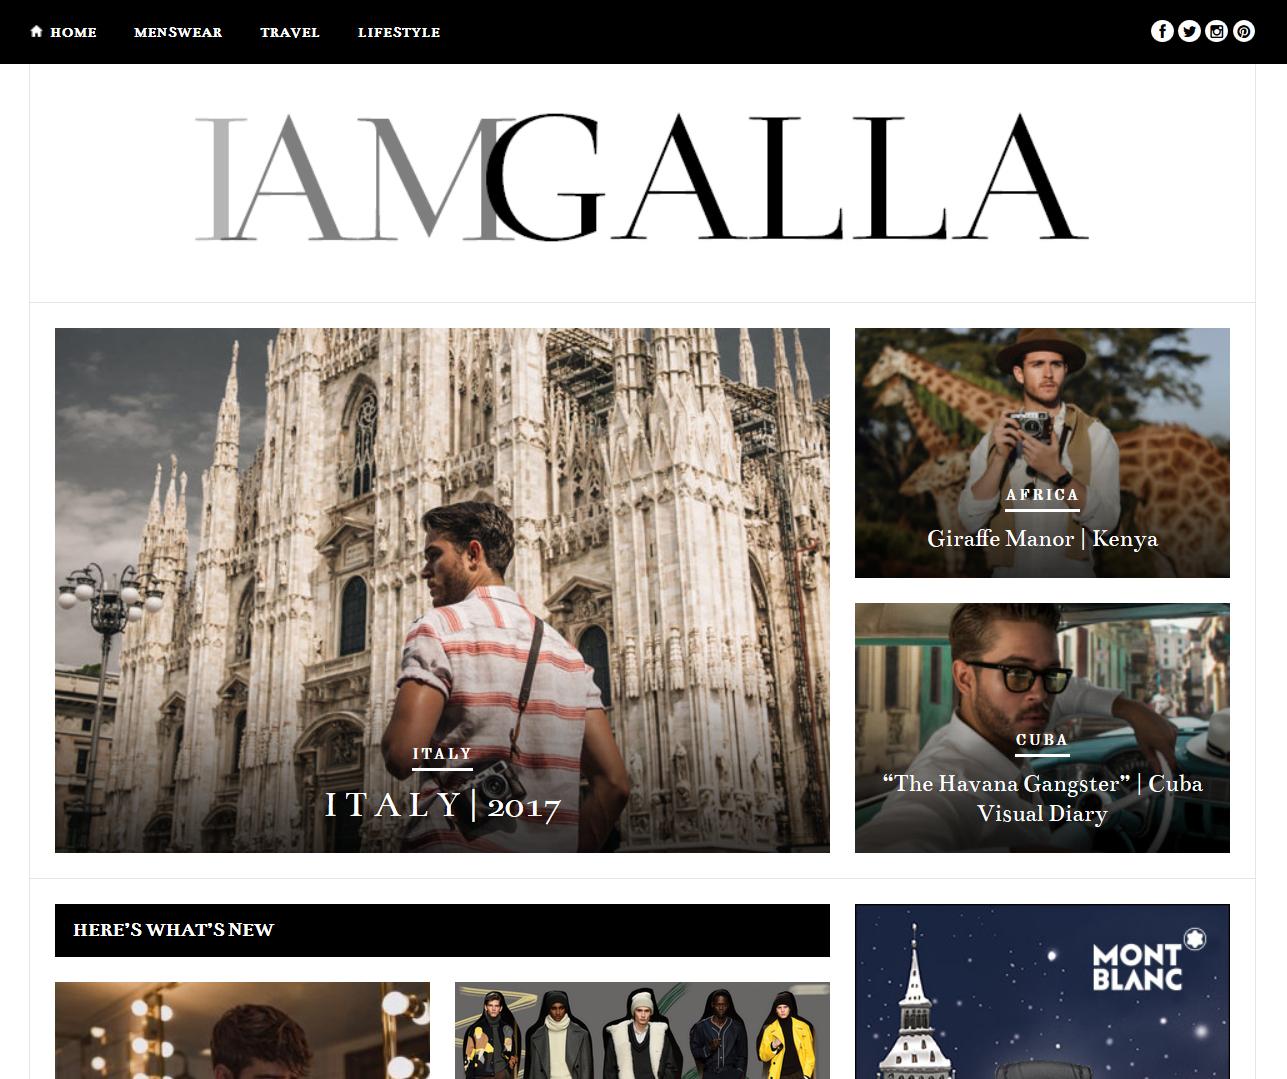 I Am Galla tiene el formato de categoría de blog de estilo de vida perfecto